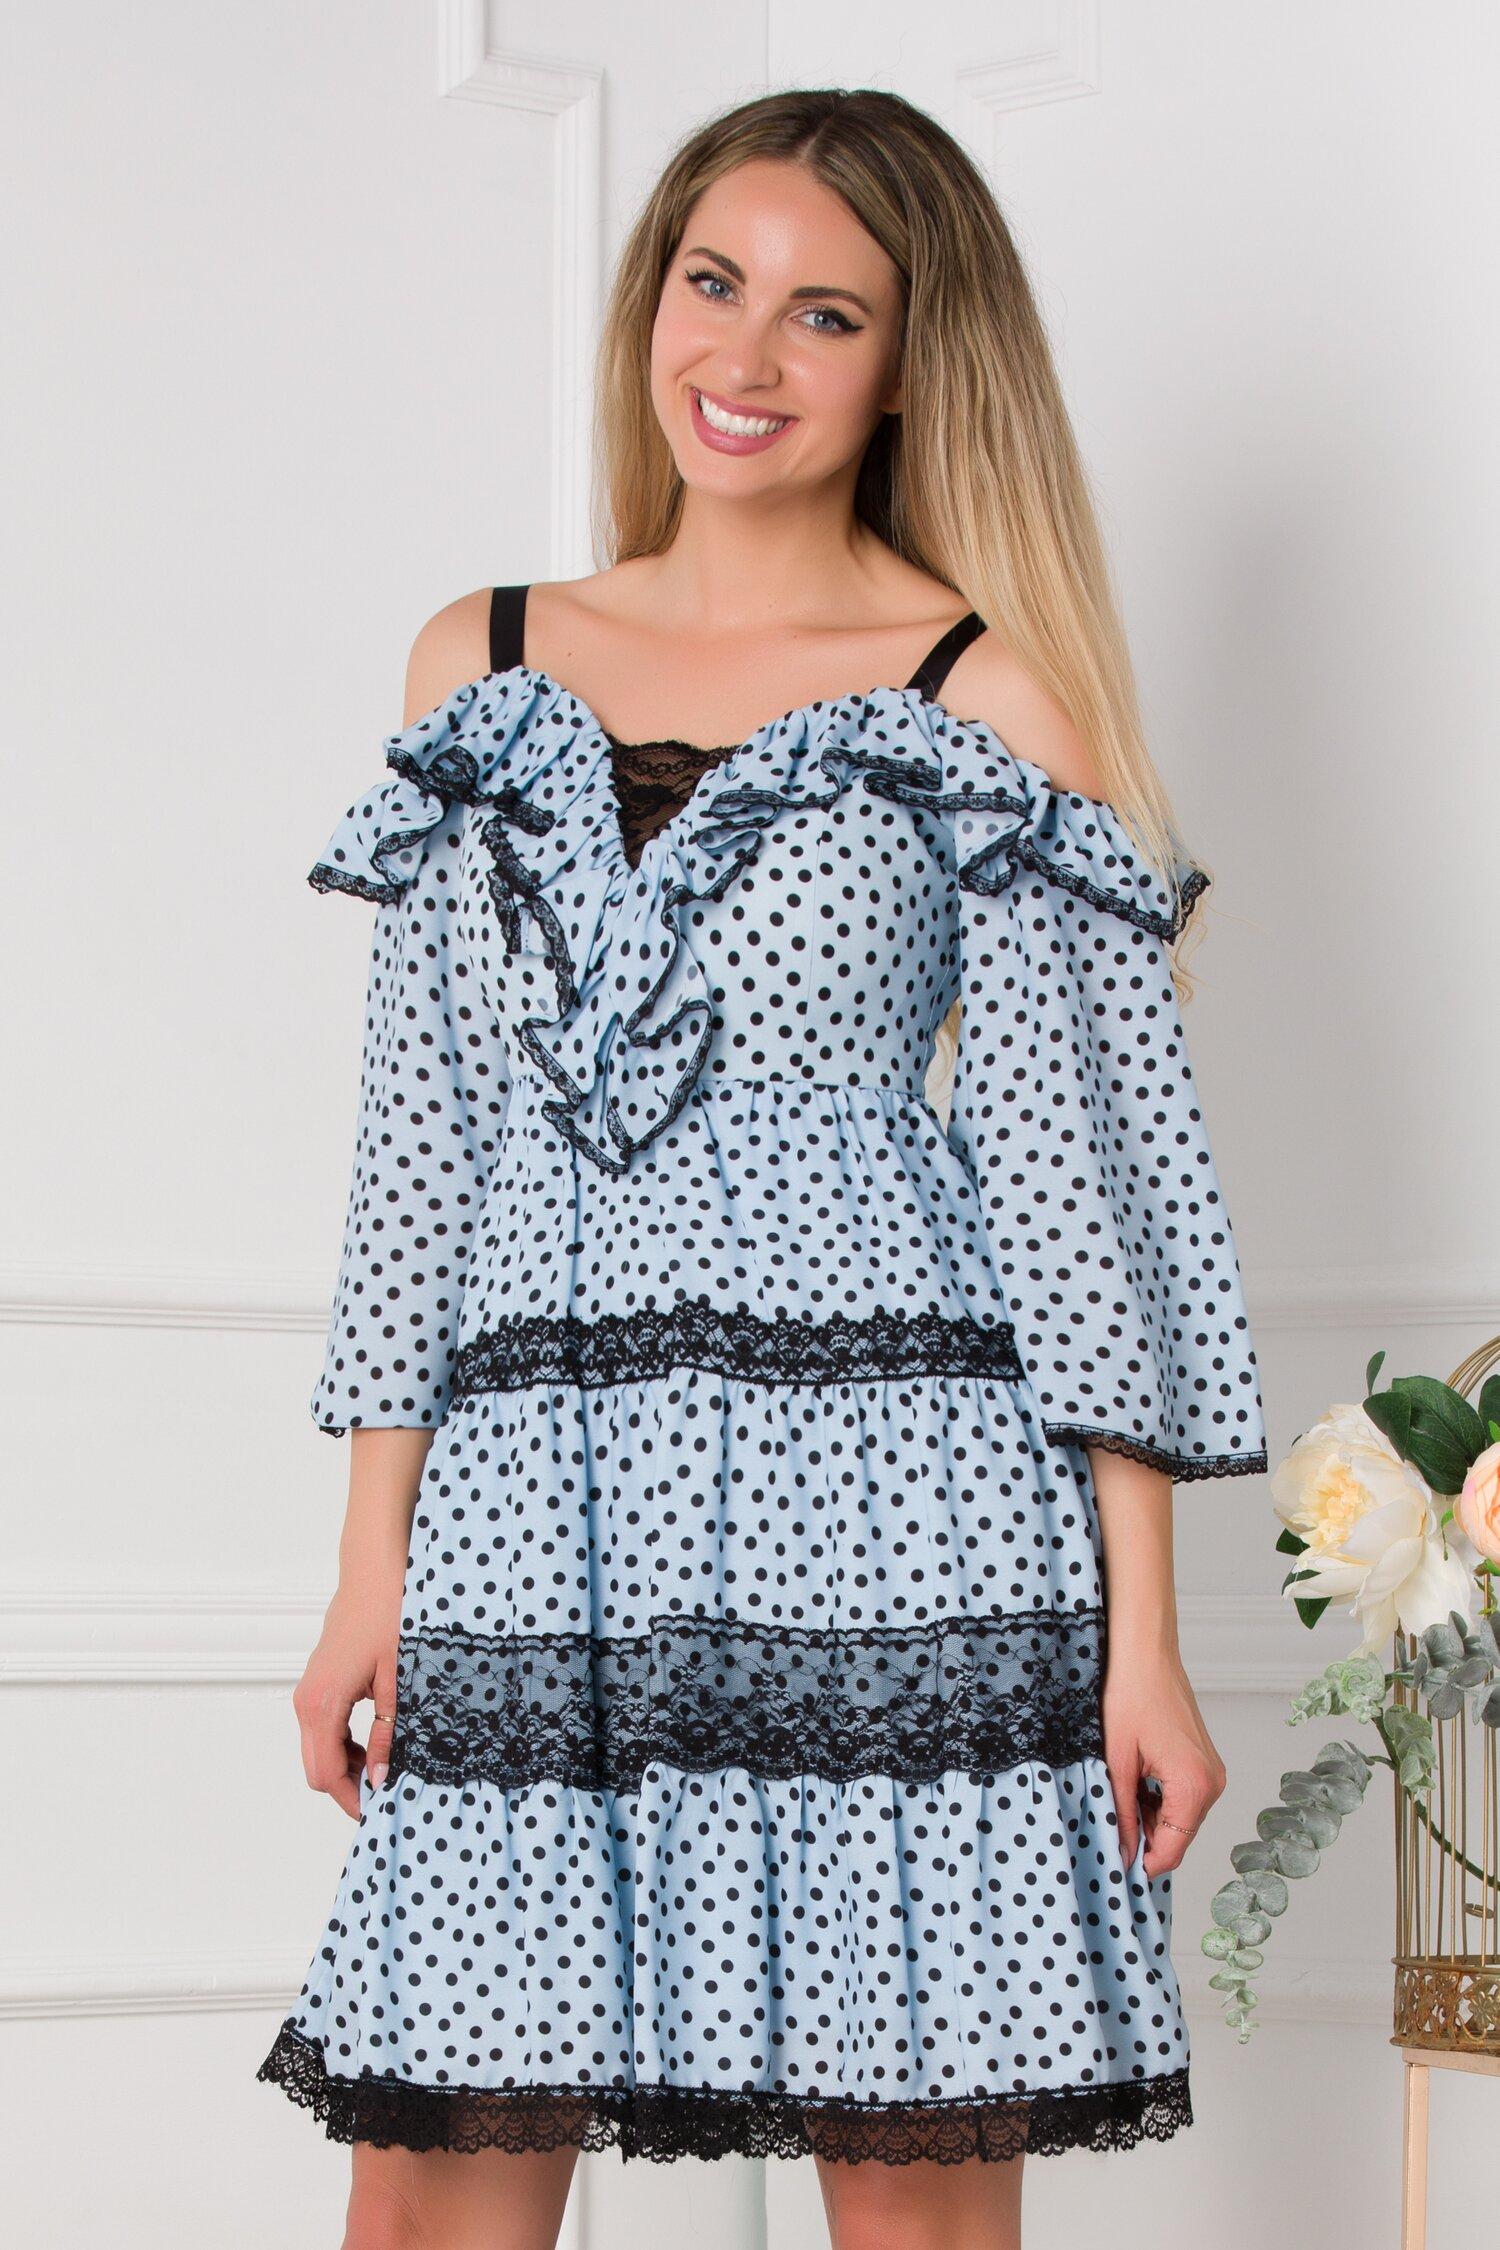 rochie monica bleu cu buline si insertii din dantela 531639 4